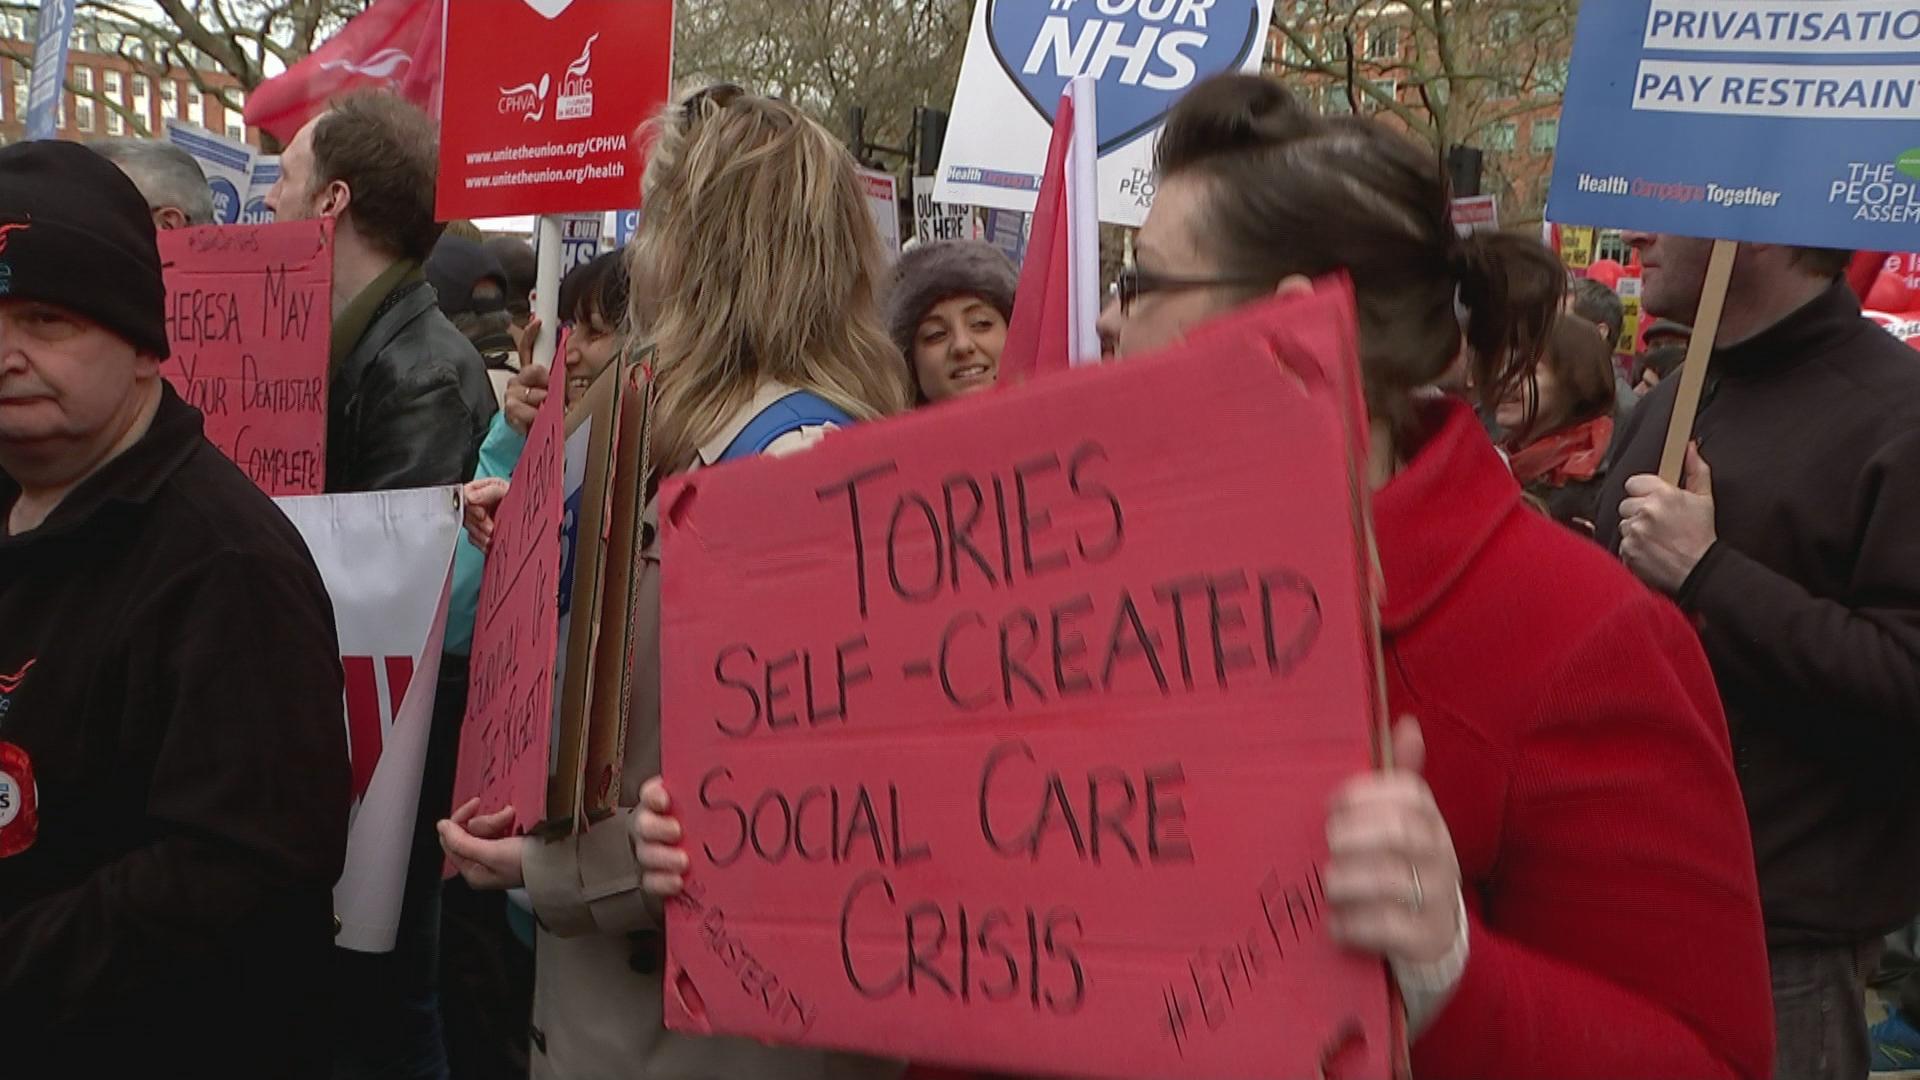 NHS marchers